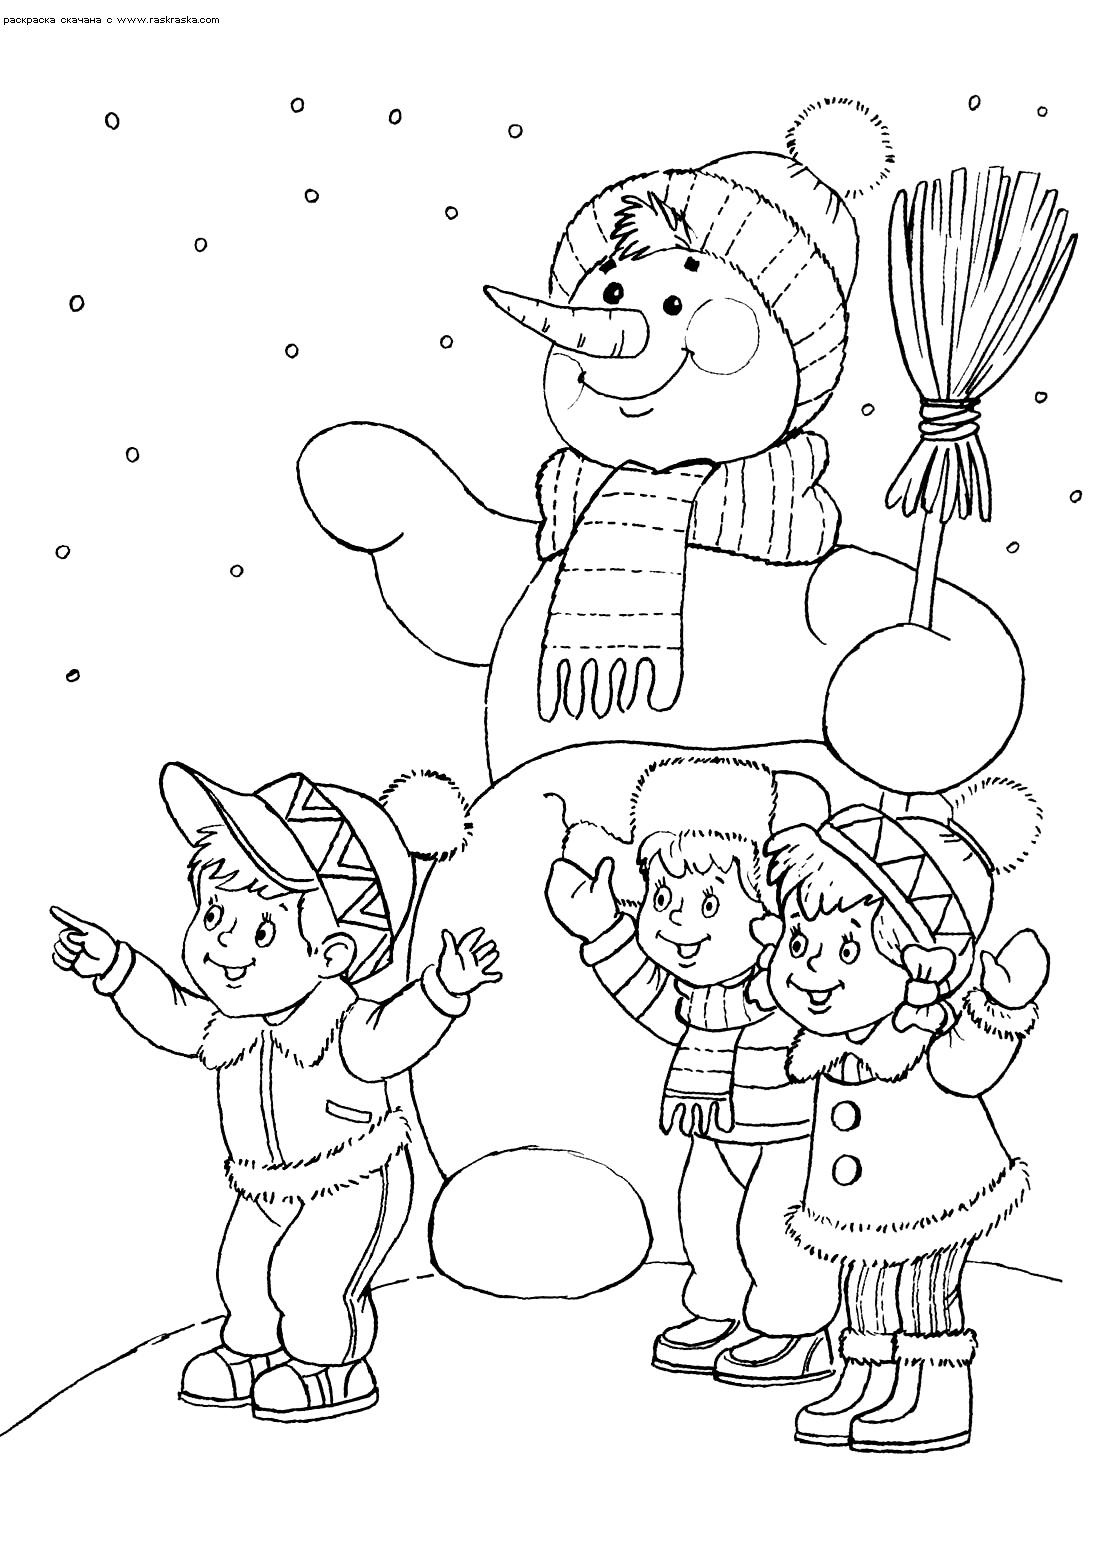 Раскраска Дети и Снеговик. Раскраска снеговик